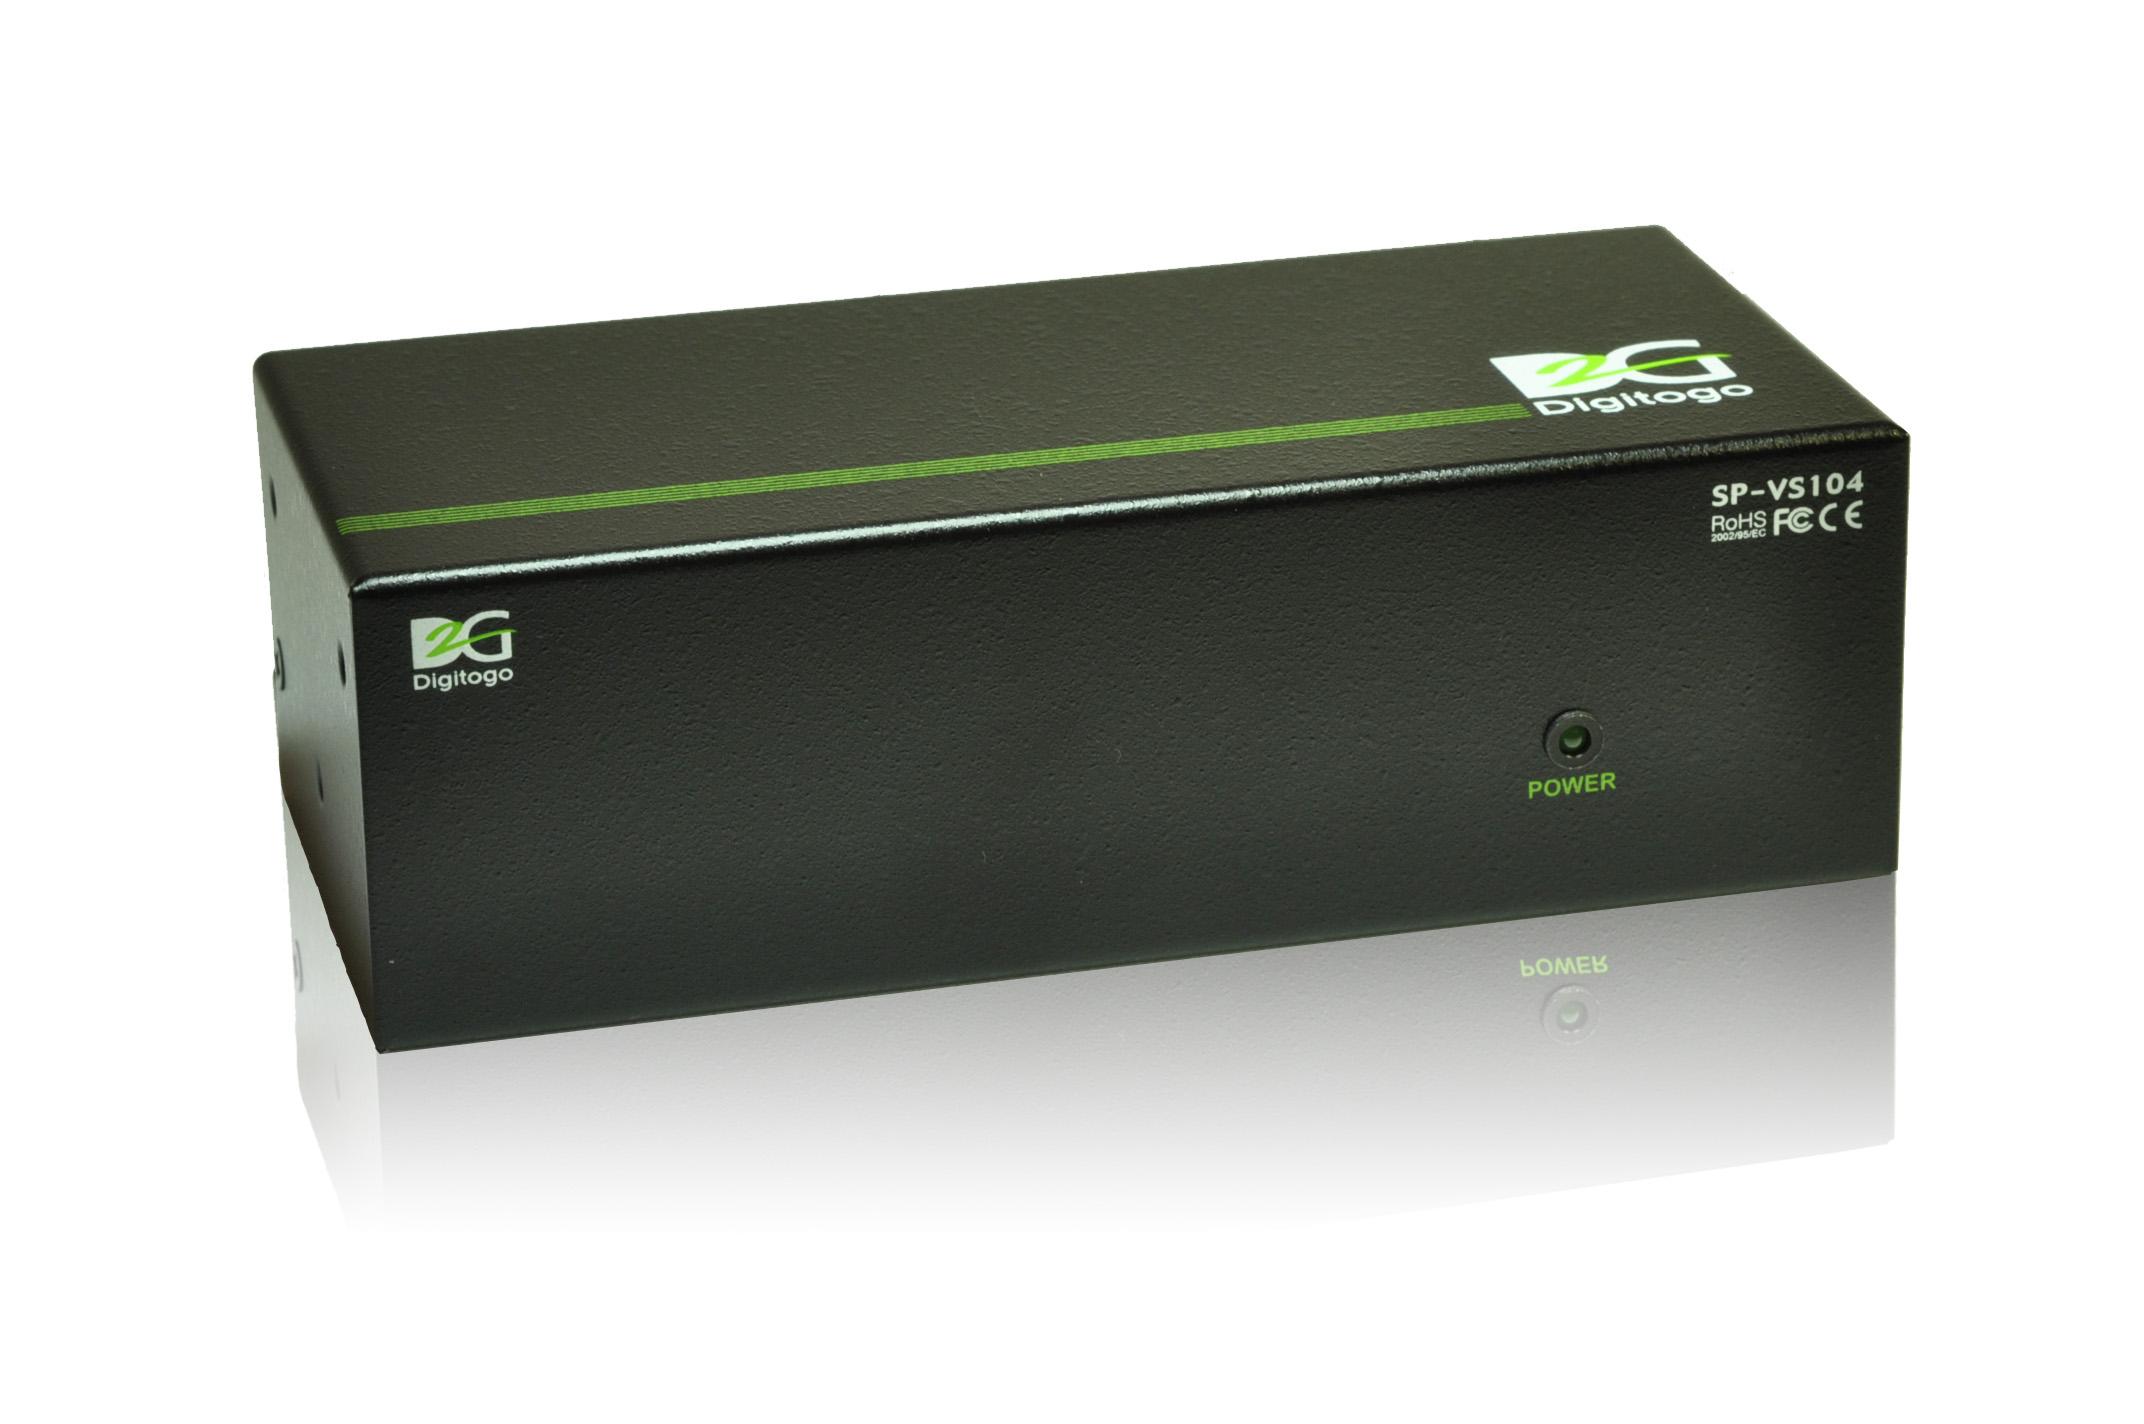 ■販売終了■ 1入力4出力VGA分配器 【型番】SP-VS104 ※販売終了